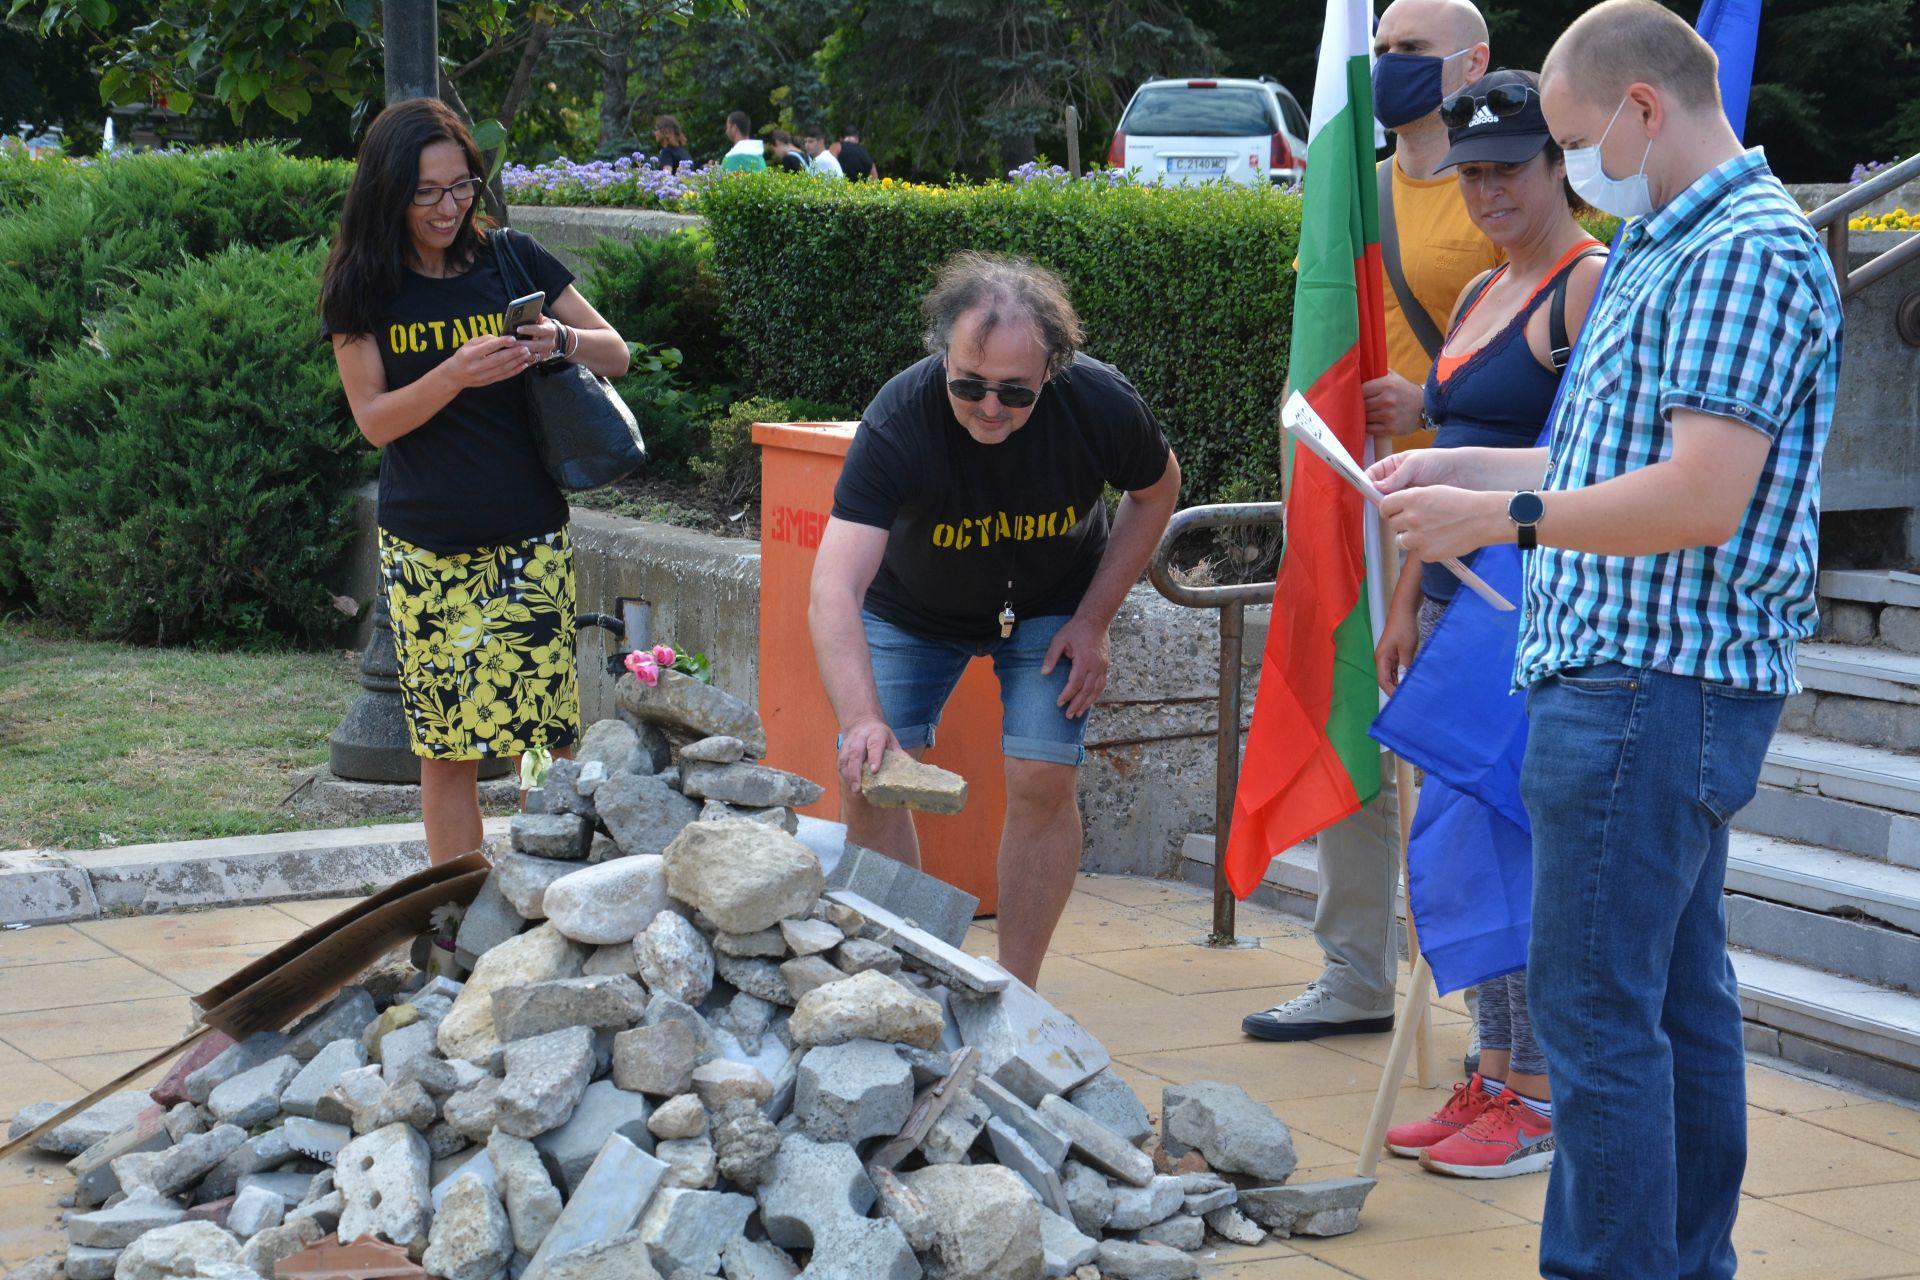 Във Варна, преди да тръгнат на шествие, местни жители сложиха още камъни и цветя върху грамадата пред общината, в памет на Пламен Горанов, който се самозапали там в знак на протест преди 7 г.